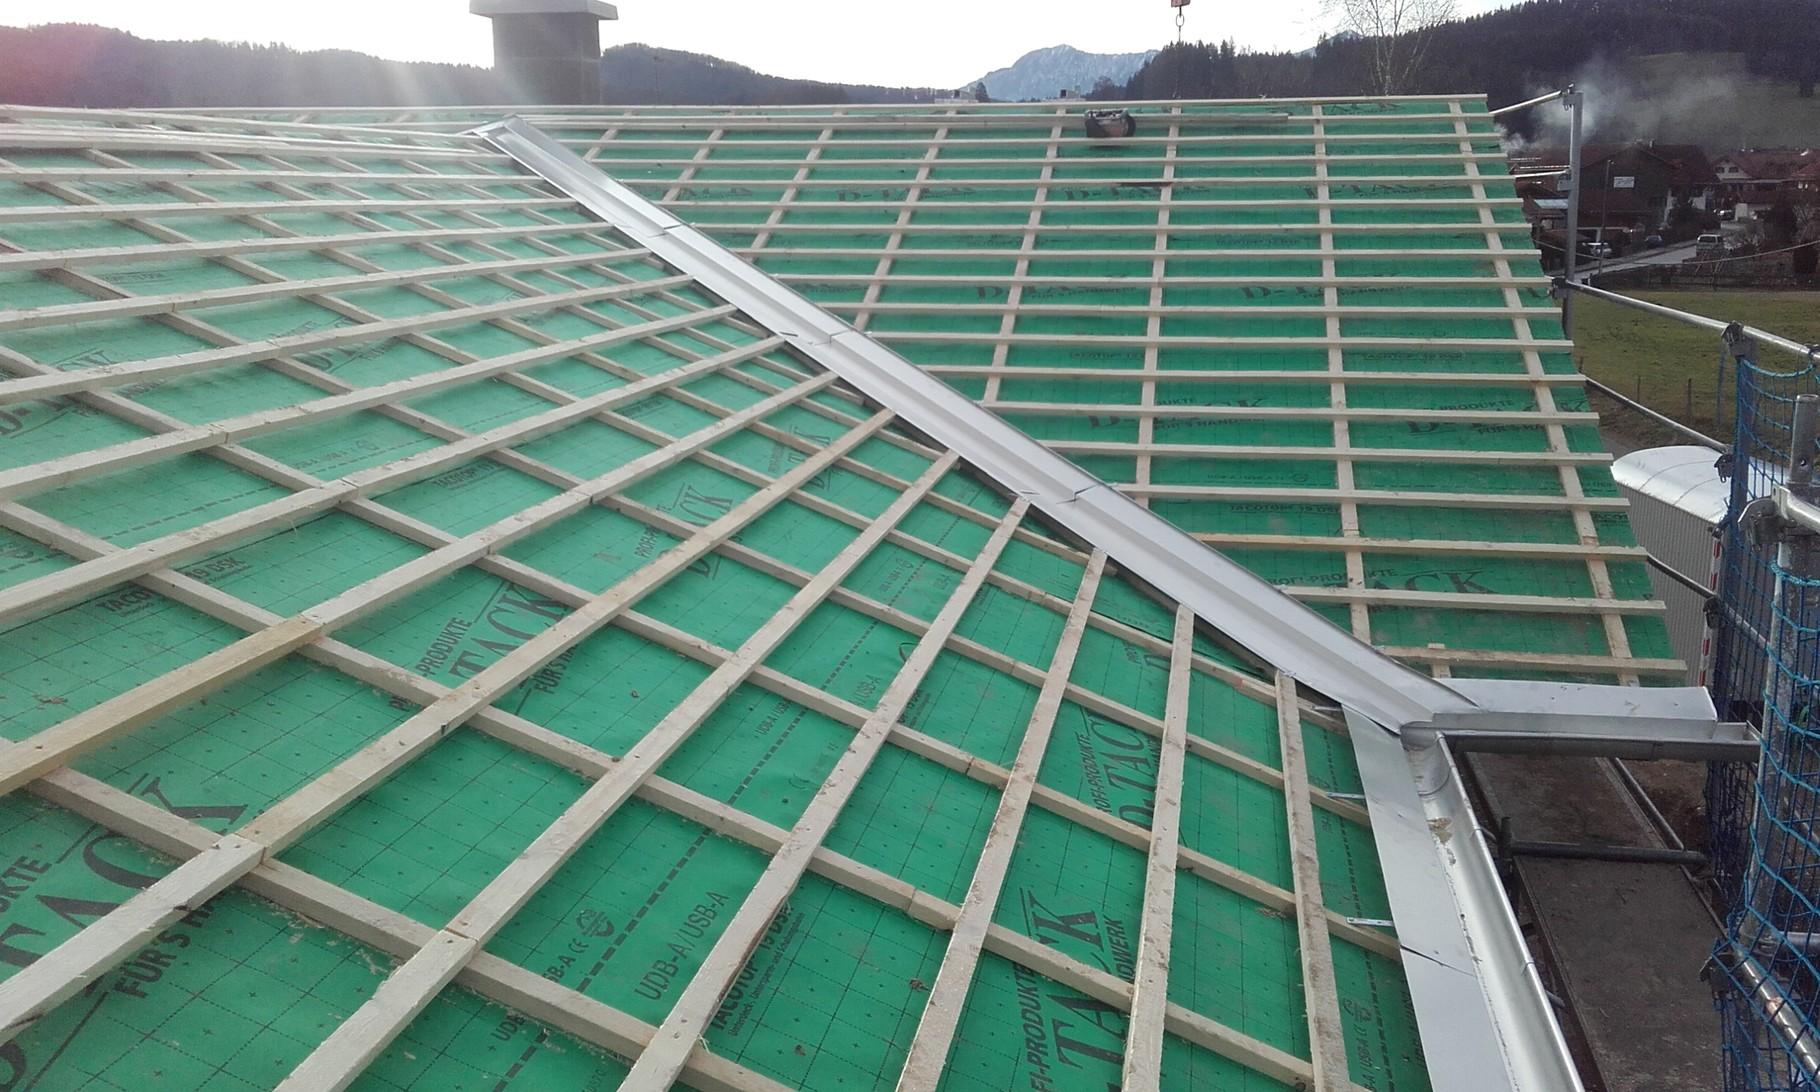 Dachrinneneck und Kehlblech für den Neubau eines Einfamilienhauses